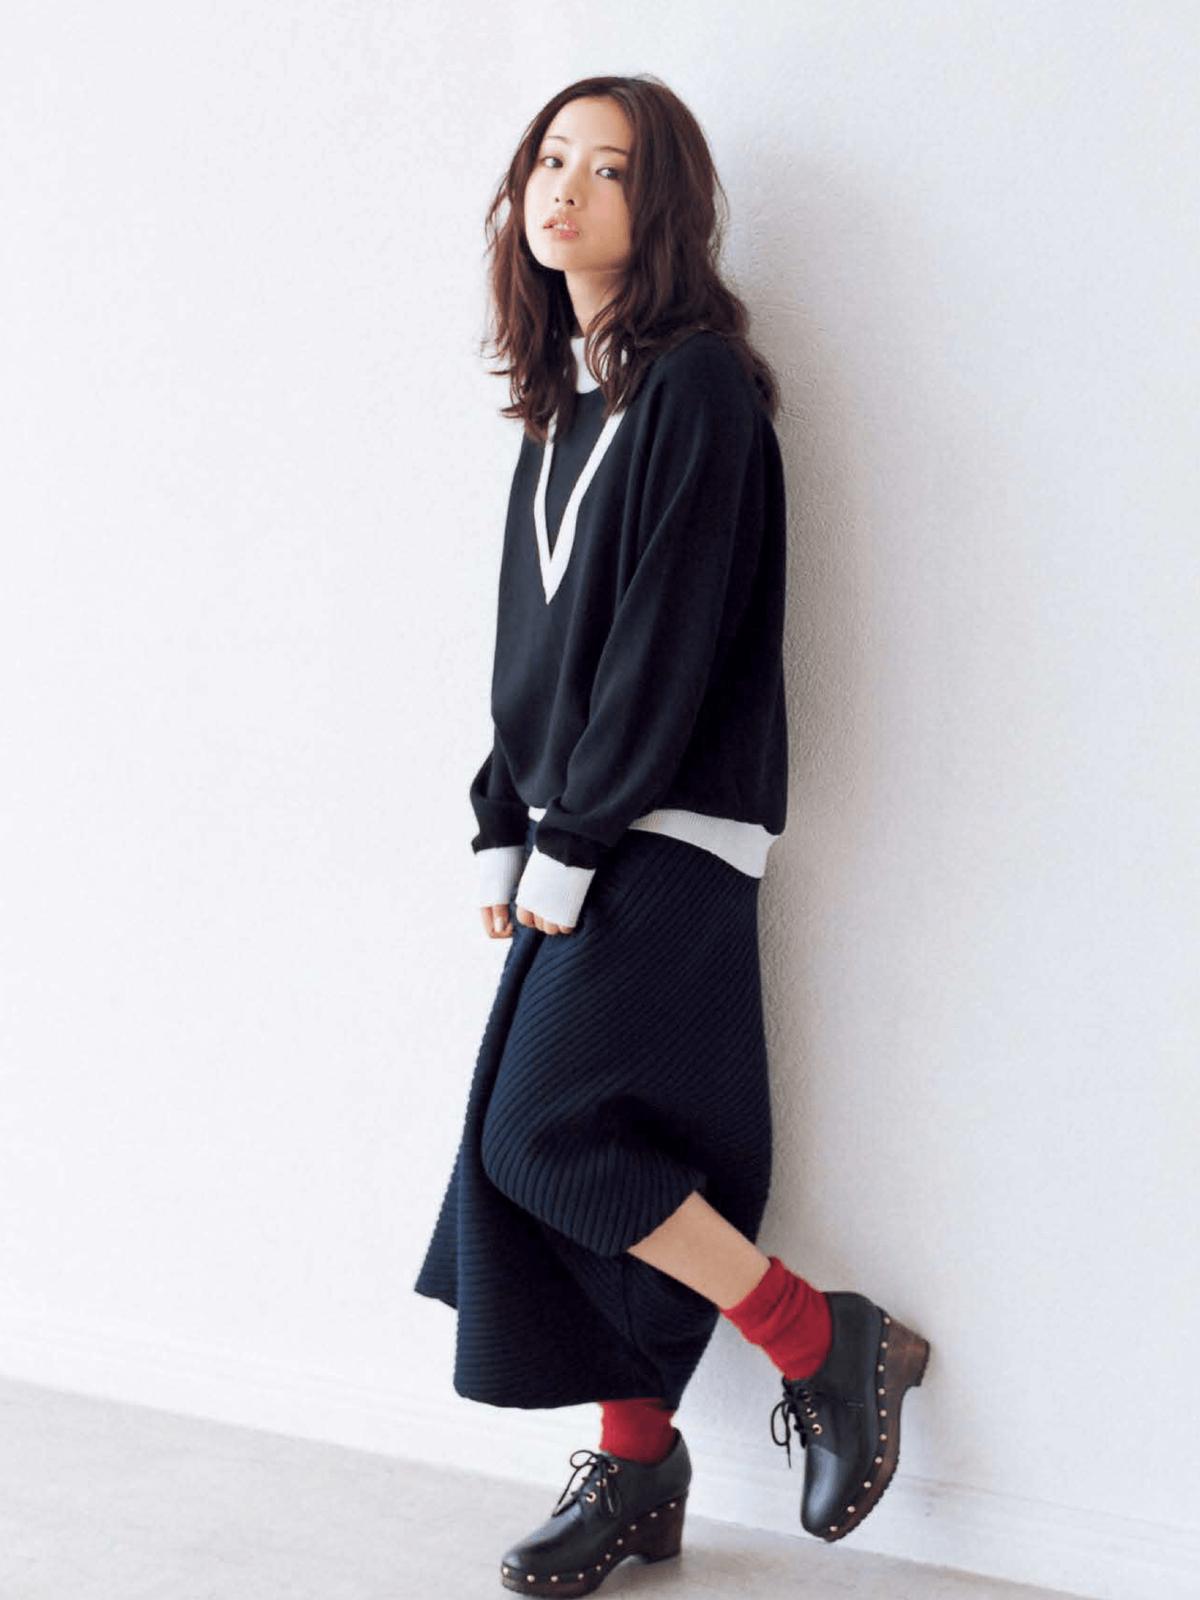 石原さとみsatomi_ishihara   日本のストリートファッション, ファッション, Aiko ファッション